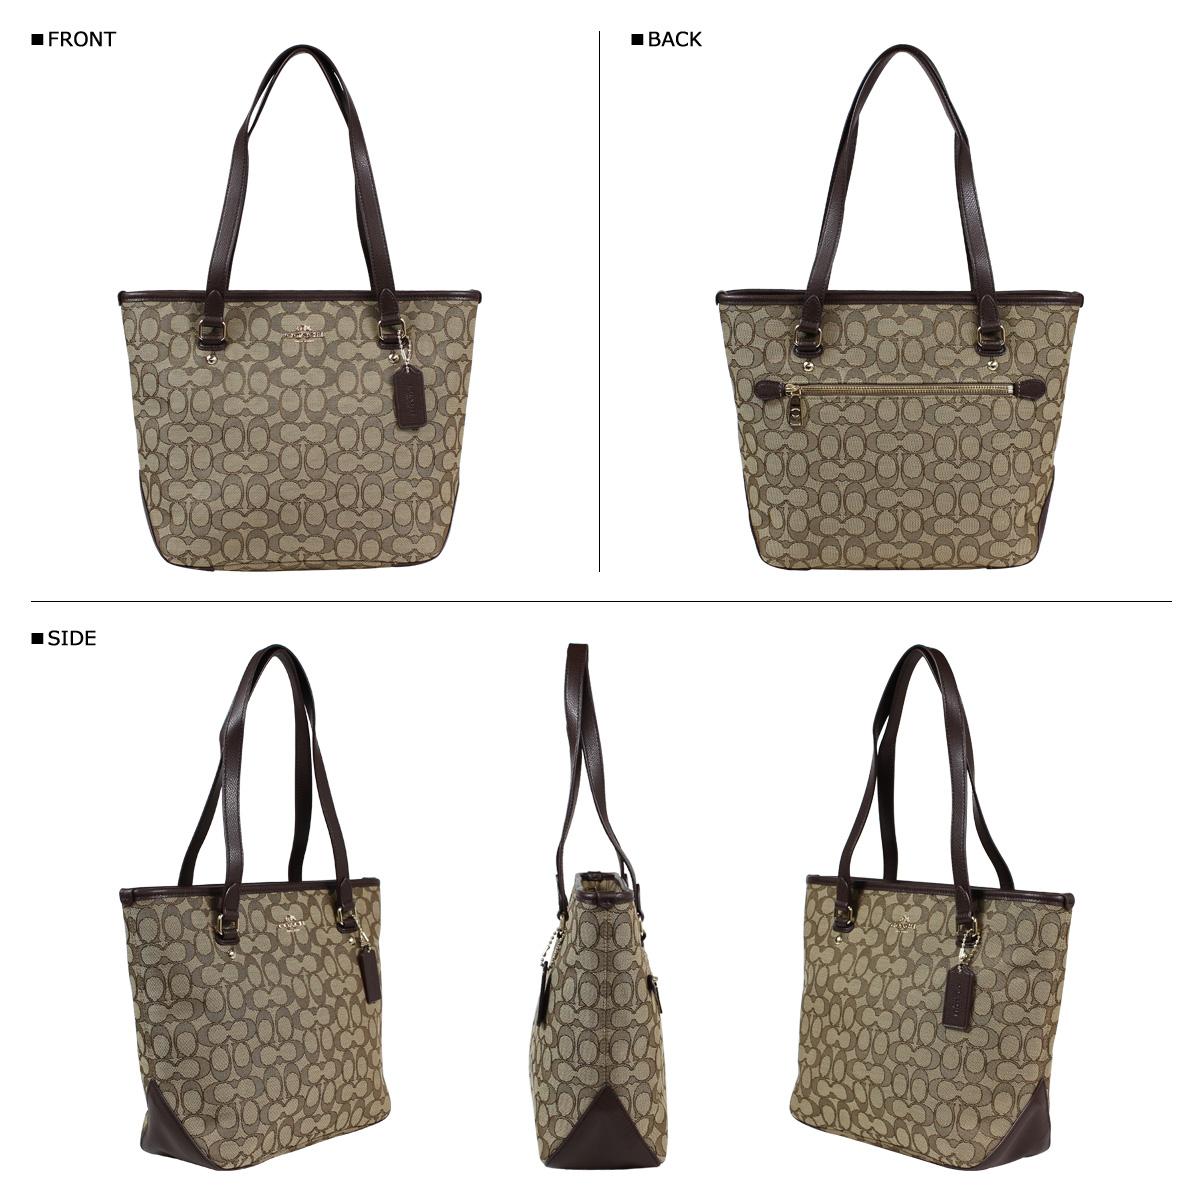 a0f486a166c3 ... ireland coach coach bag tote bag f55364 khaki brown ladies 2944d f5905